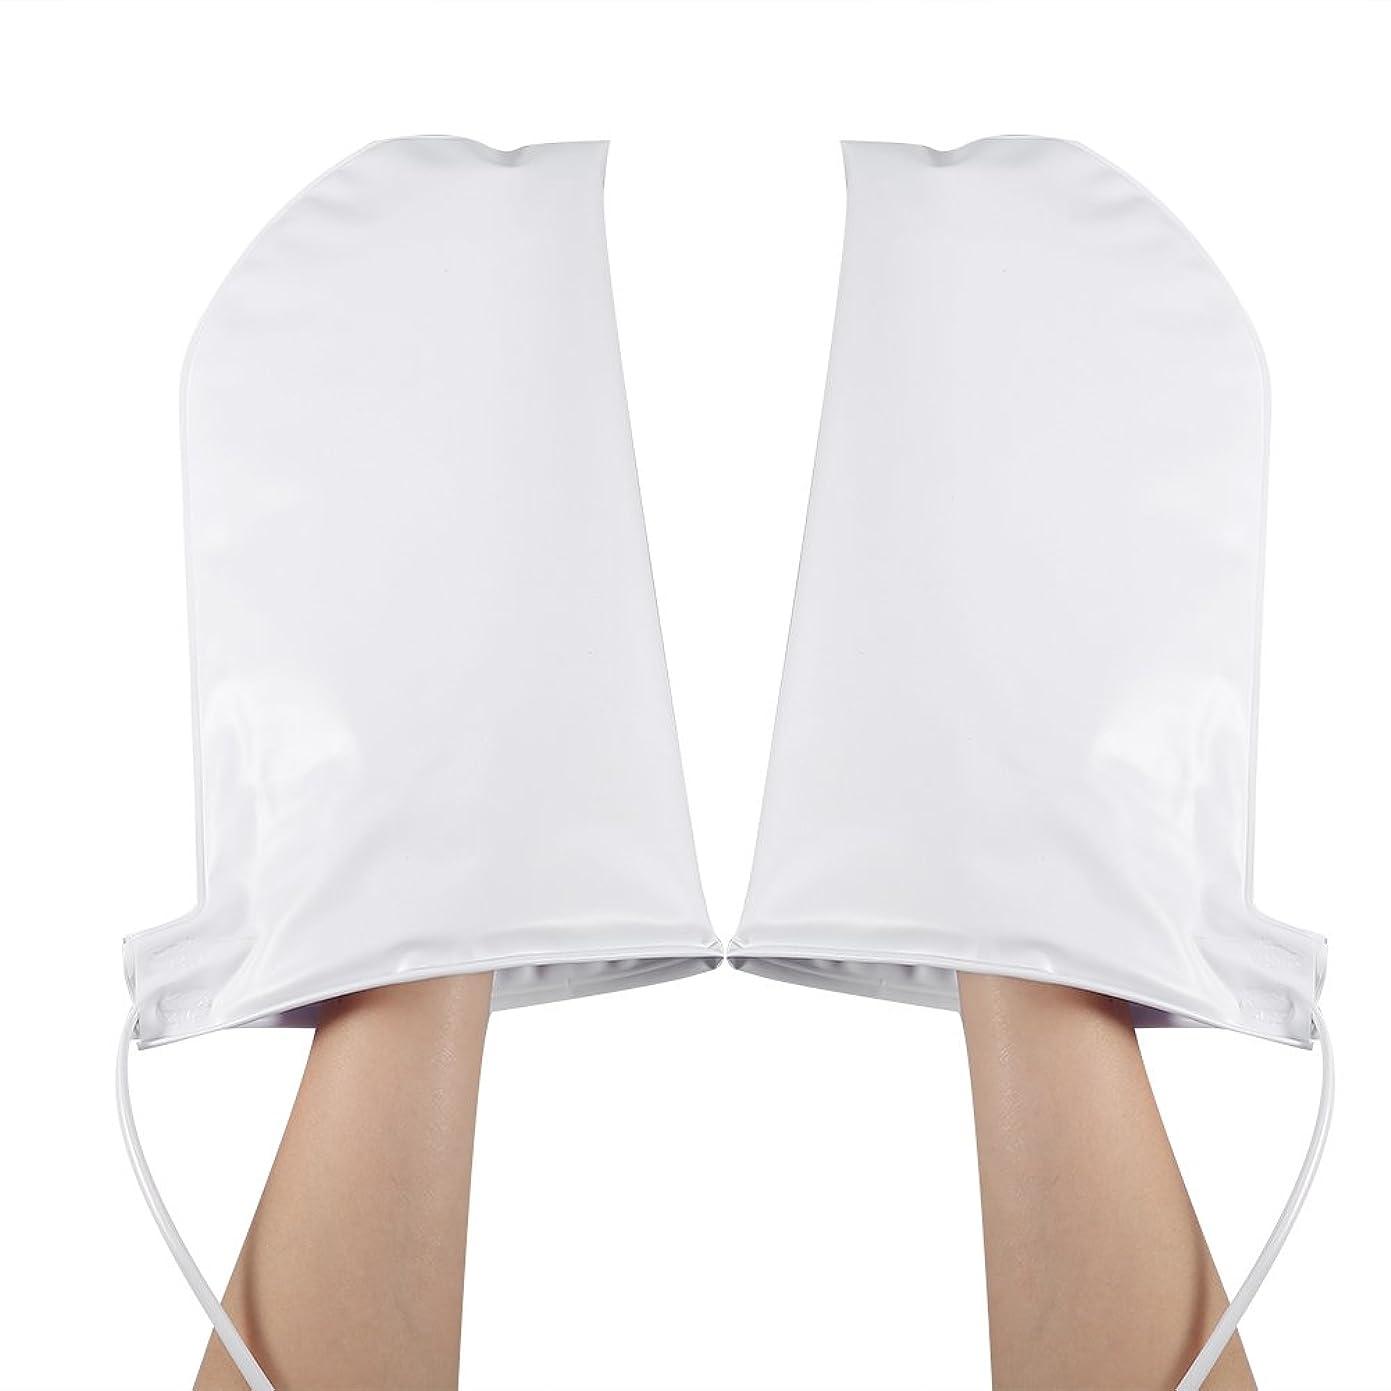 管理する端ビル手袋 ヒートグローブ 加熱式 電熱 手ケア ハンドケア 2つ加熱モード 乾燥対策 手荒れ対策 補水 保湿 美白 しっとり